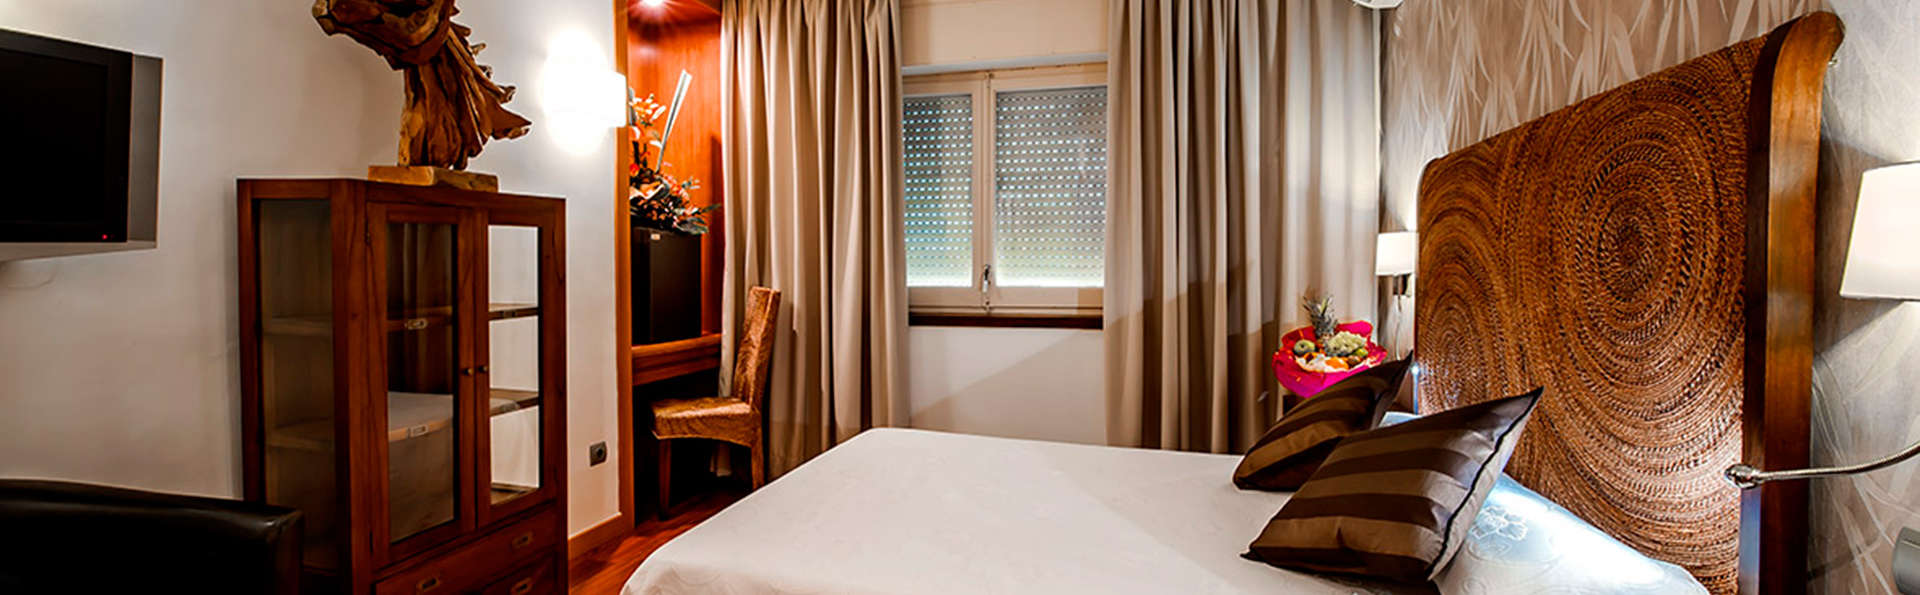 Relax en privado con jacuzzi en la habitación y mejora de categoría garantizada en Figueres